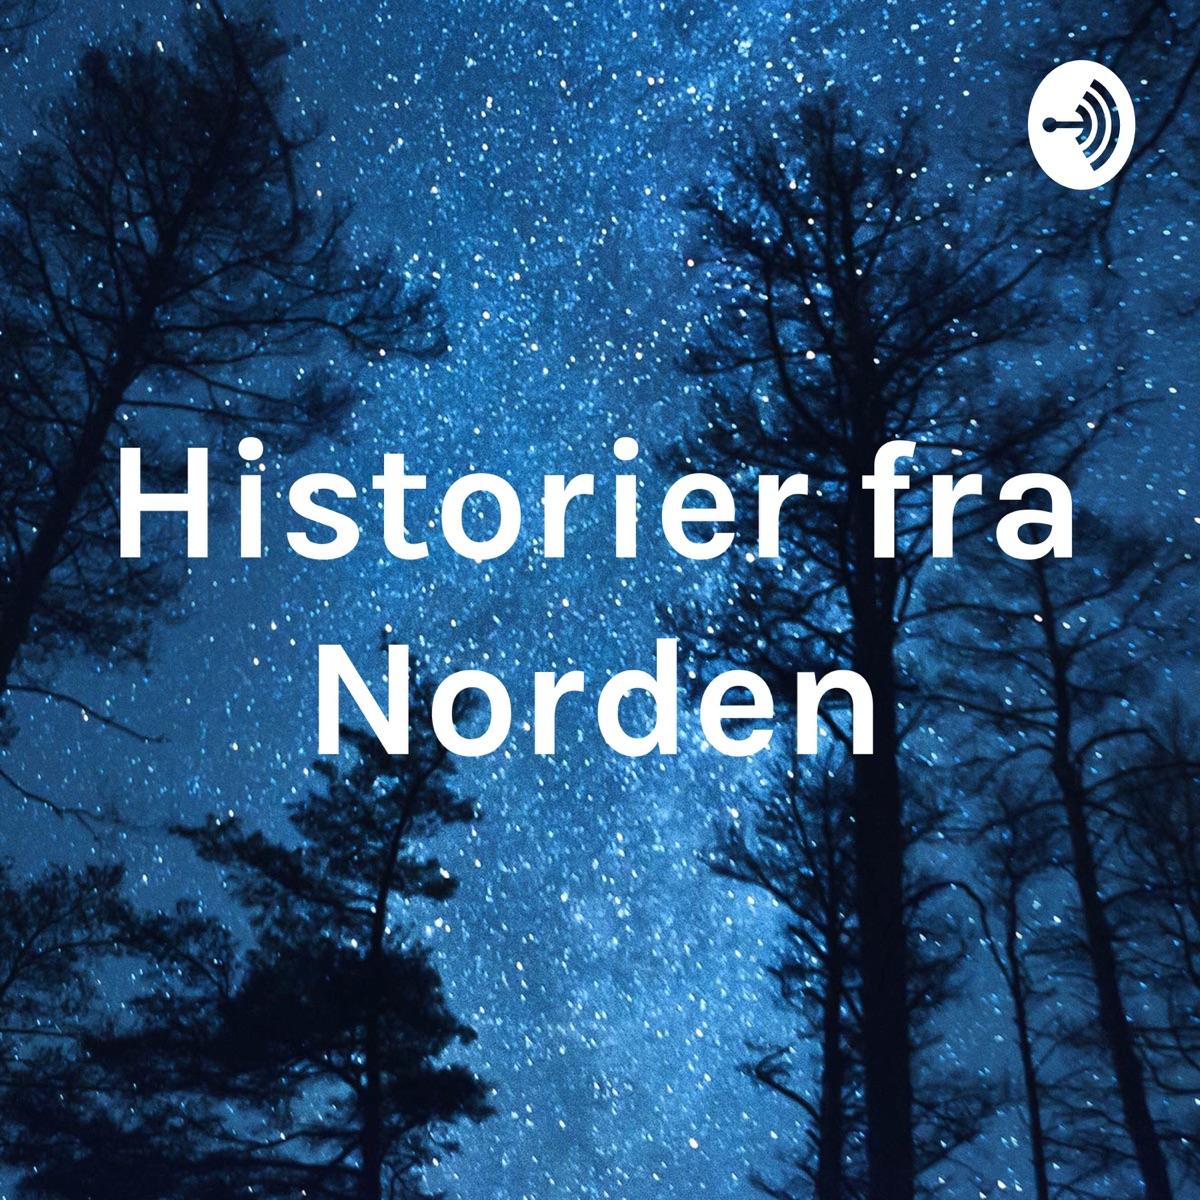 Hyundai præsenterer Historier fra Norden